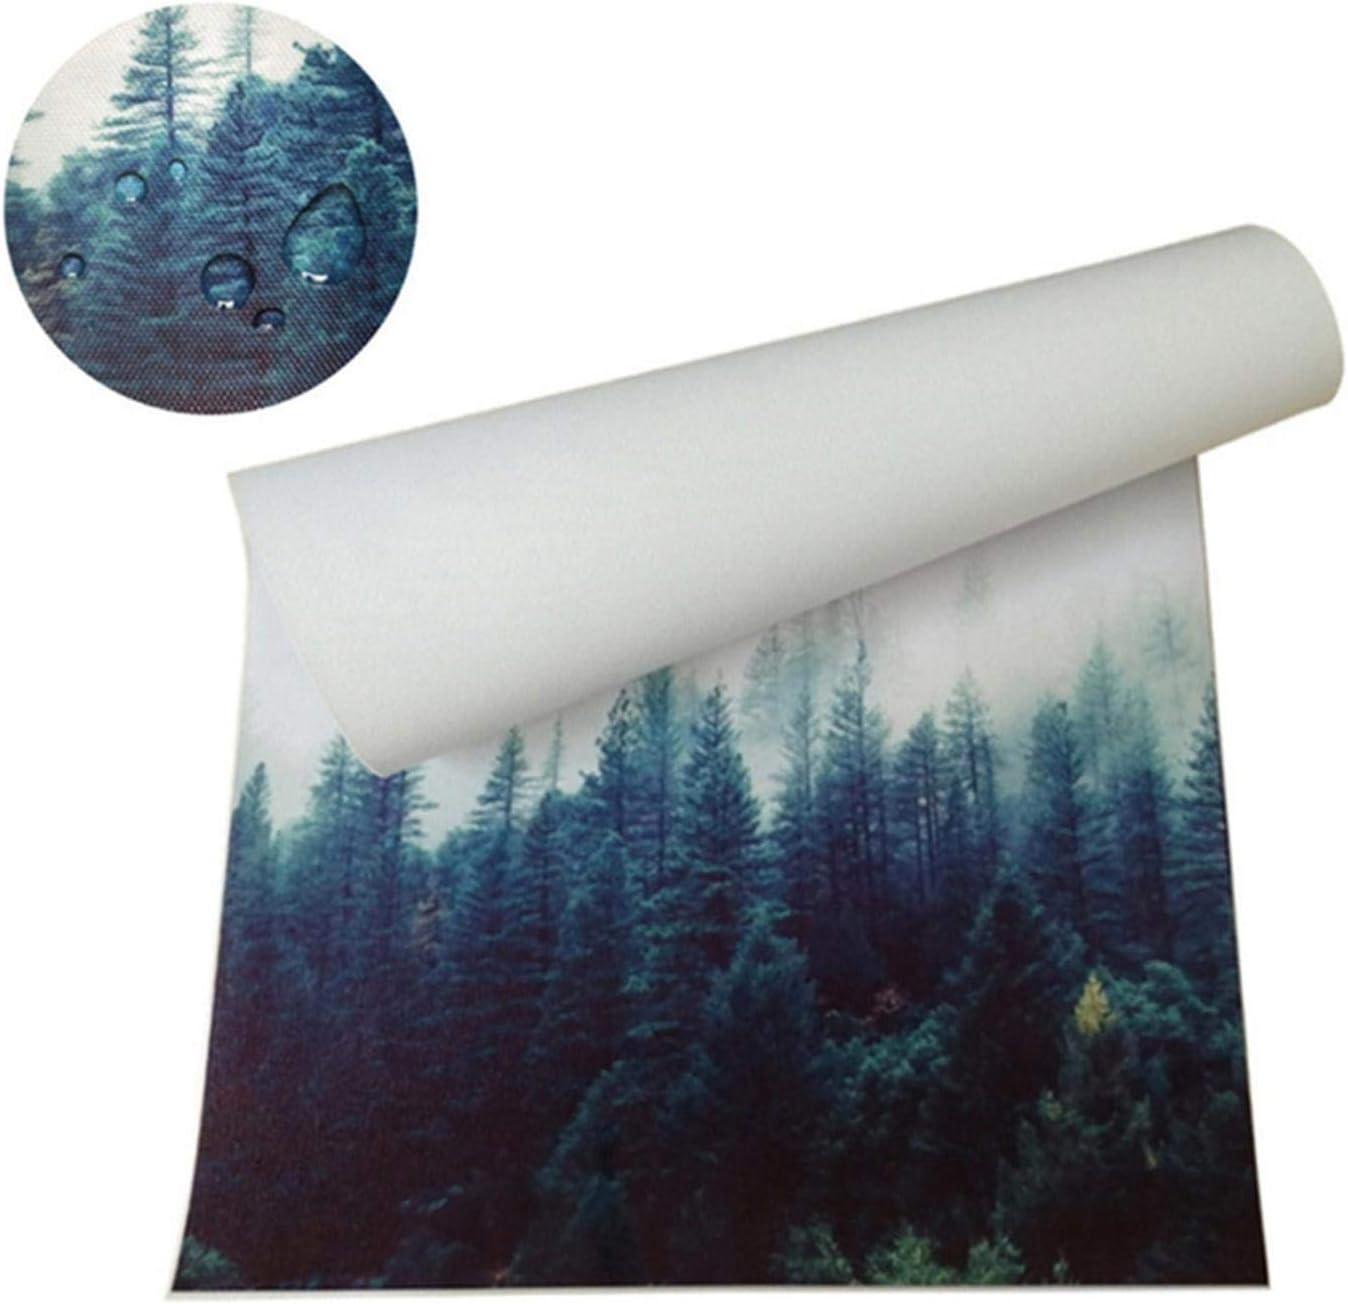 MGSHN Frauen die einen Sch/ädel bilden Salvador Dali Kunst Bild Leinwand Malerei Wandkunst Schlafzimmer Dekoratives Geschenk HD-Druck auf Leinwand-60x80cm ohne Rahmen